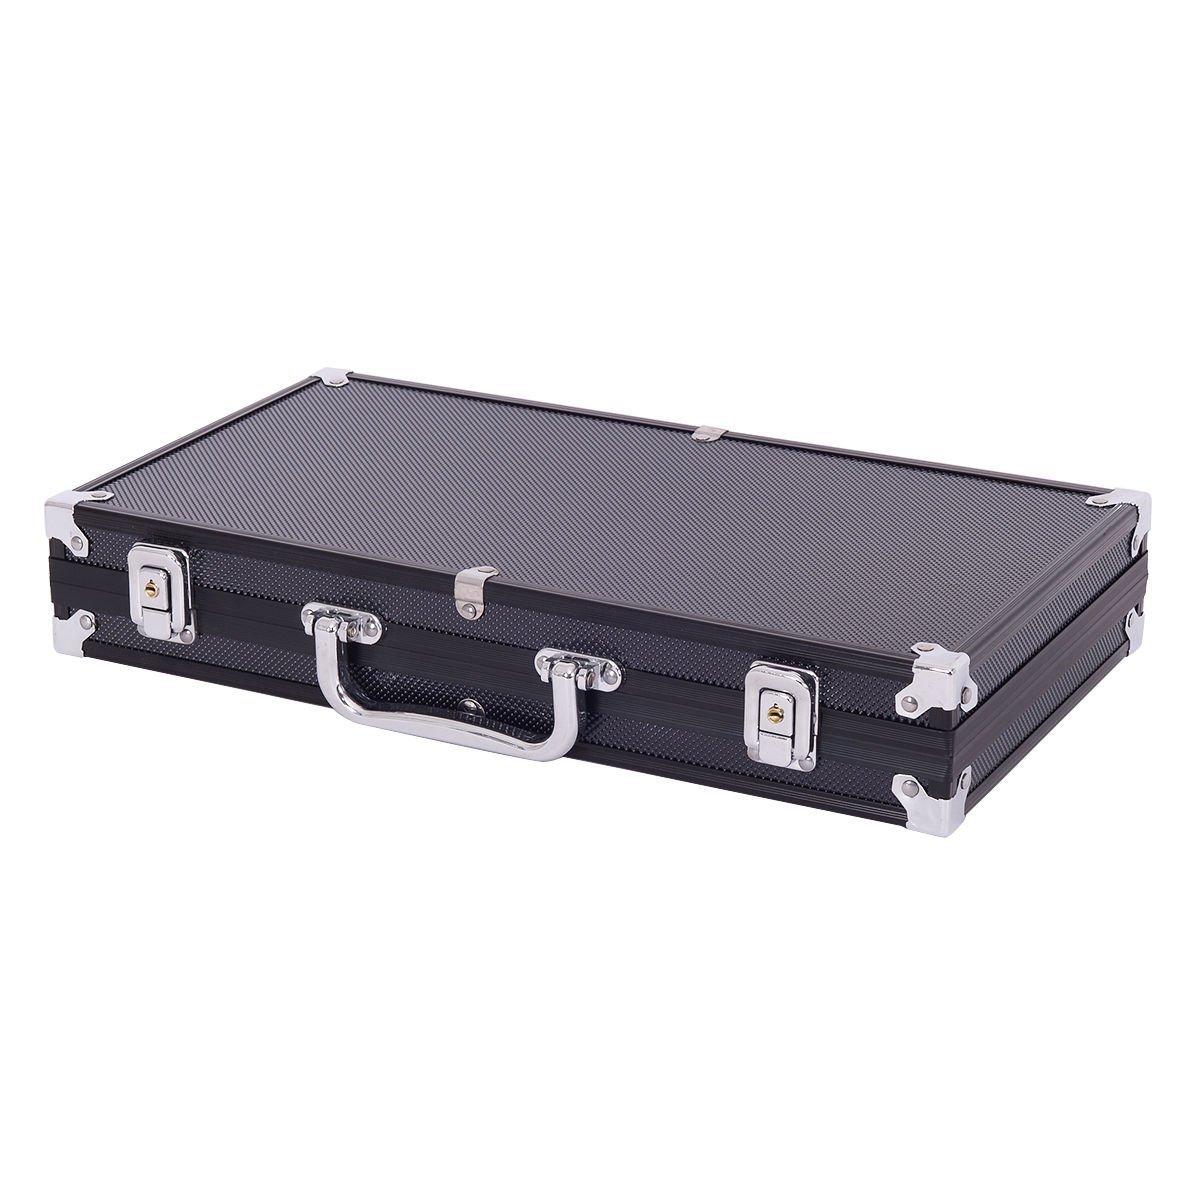 Comprar Display4top Juego de póquercon 300 Chips Láser 12 Gramos Núcleo de Metal, 2 Barajas de Cartas, Distribuidor, ciega pequeña, Big Blind Buttons y 5 Dados (300 Chips)